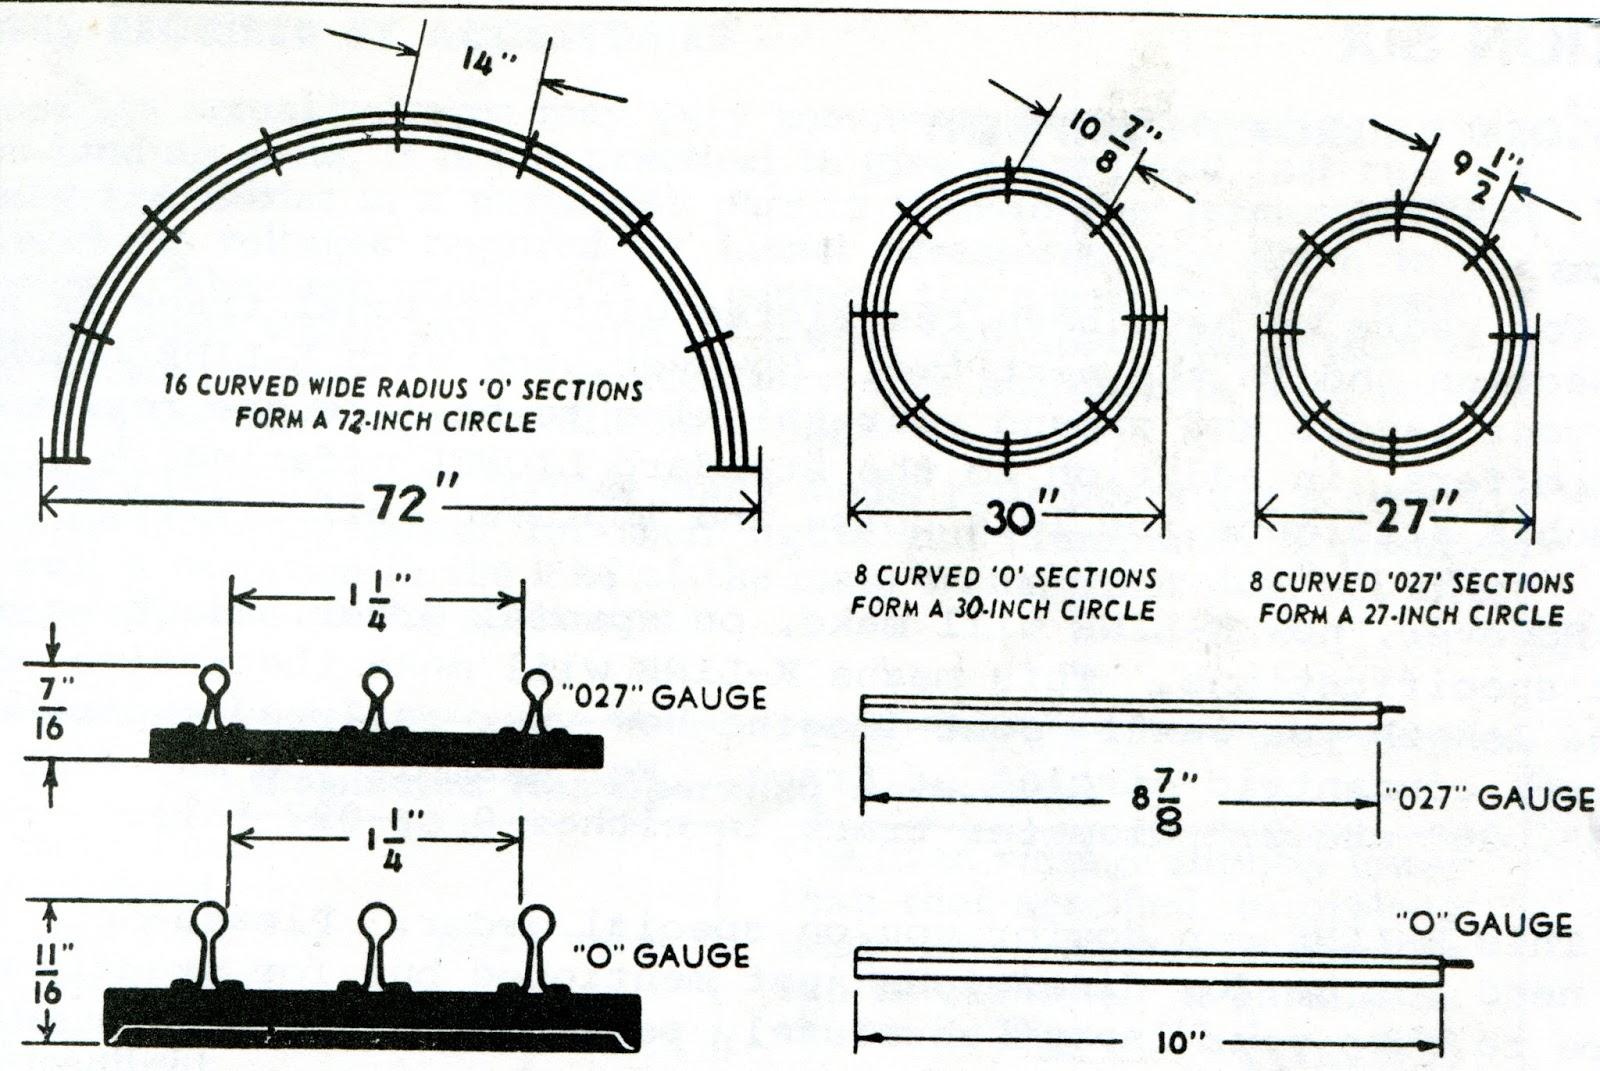 Lionel 1122 Switch Wiring Diagram Chevy 235 Engine Diagram